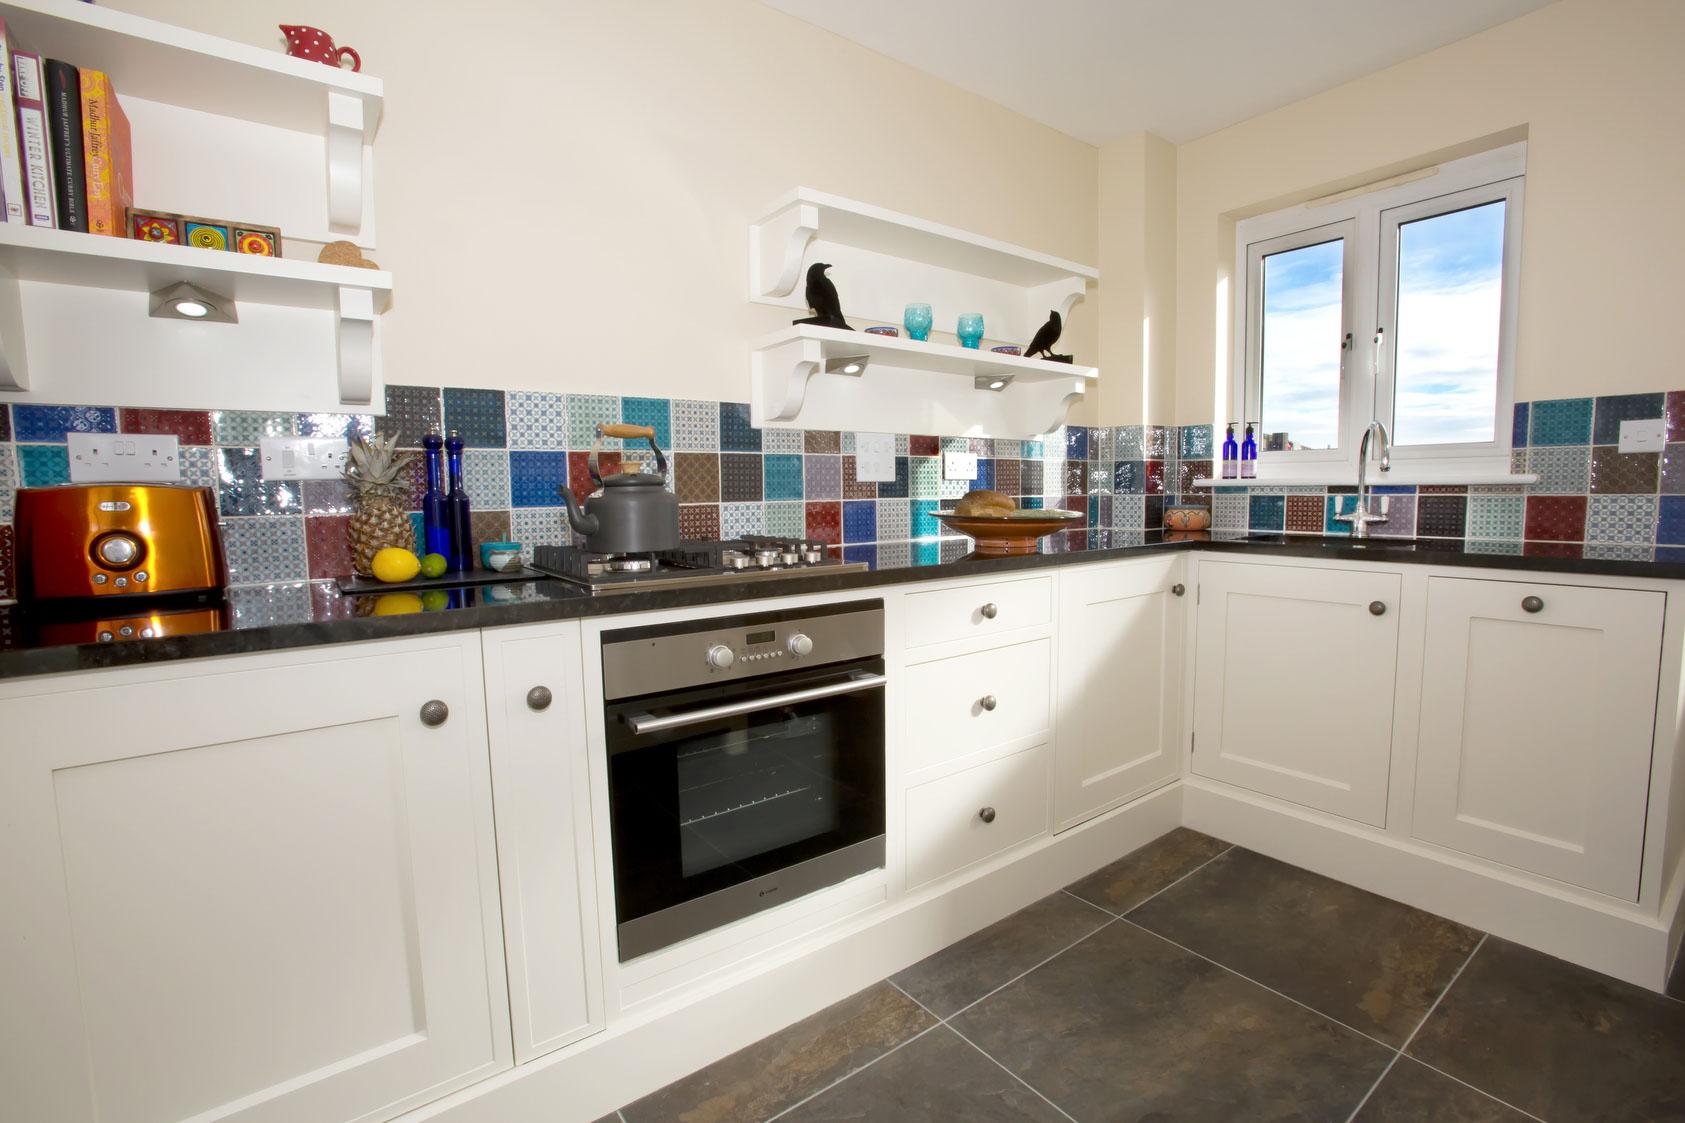 Small bespoke kitchen